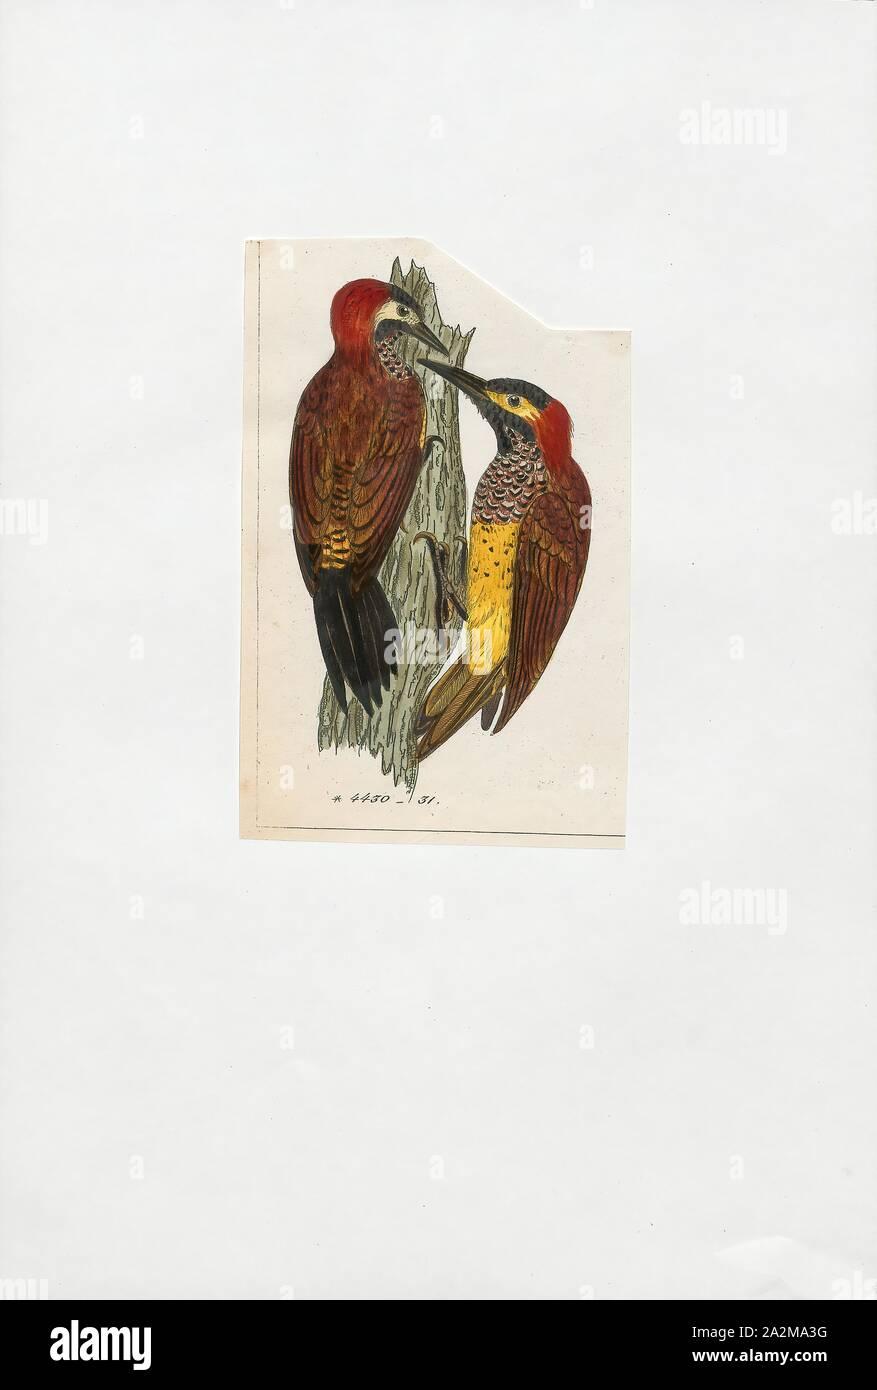 Colaptes rivolii, Drucken, den Crimson-mantled Specht (Colaptes rivolii) ist eine Vogelart in der Familie der Spechte (PICIDAE). Es war früher in der Gattung Piculus platziert, verschoben auf die Gattung Colaptes Nach der mitochondrialen DNA-Sequenzierung. Ihr wissenschaftlicher Name, rivolii, ehren Französische Ornithologe François Victor Masséna, zweiter Herzog von Rivoli und Dritten Fürsten von essling., 1820-1860 Stockfoto